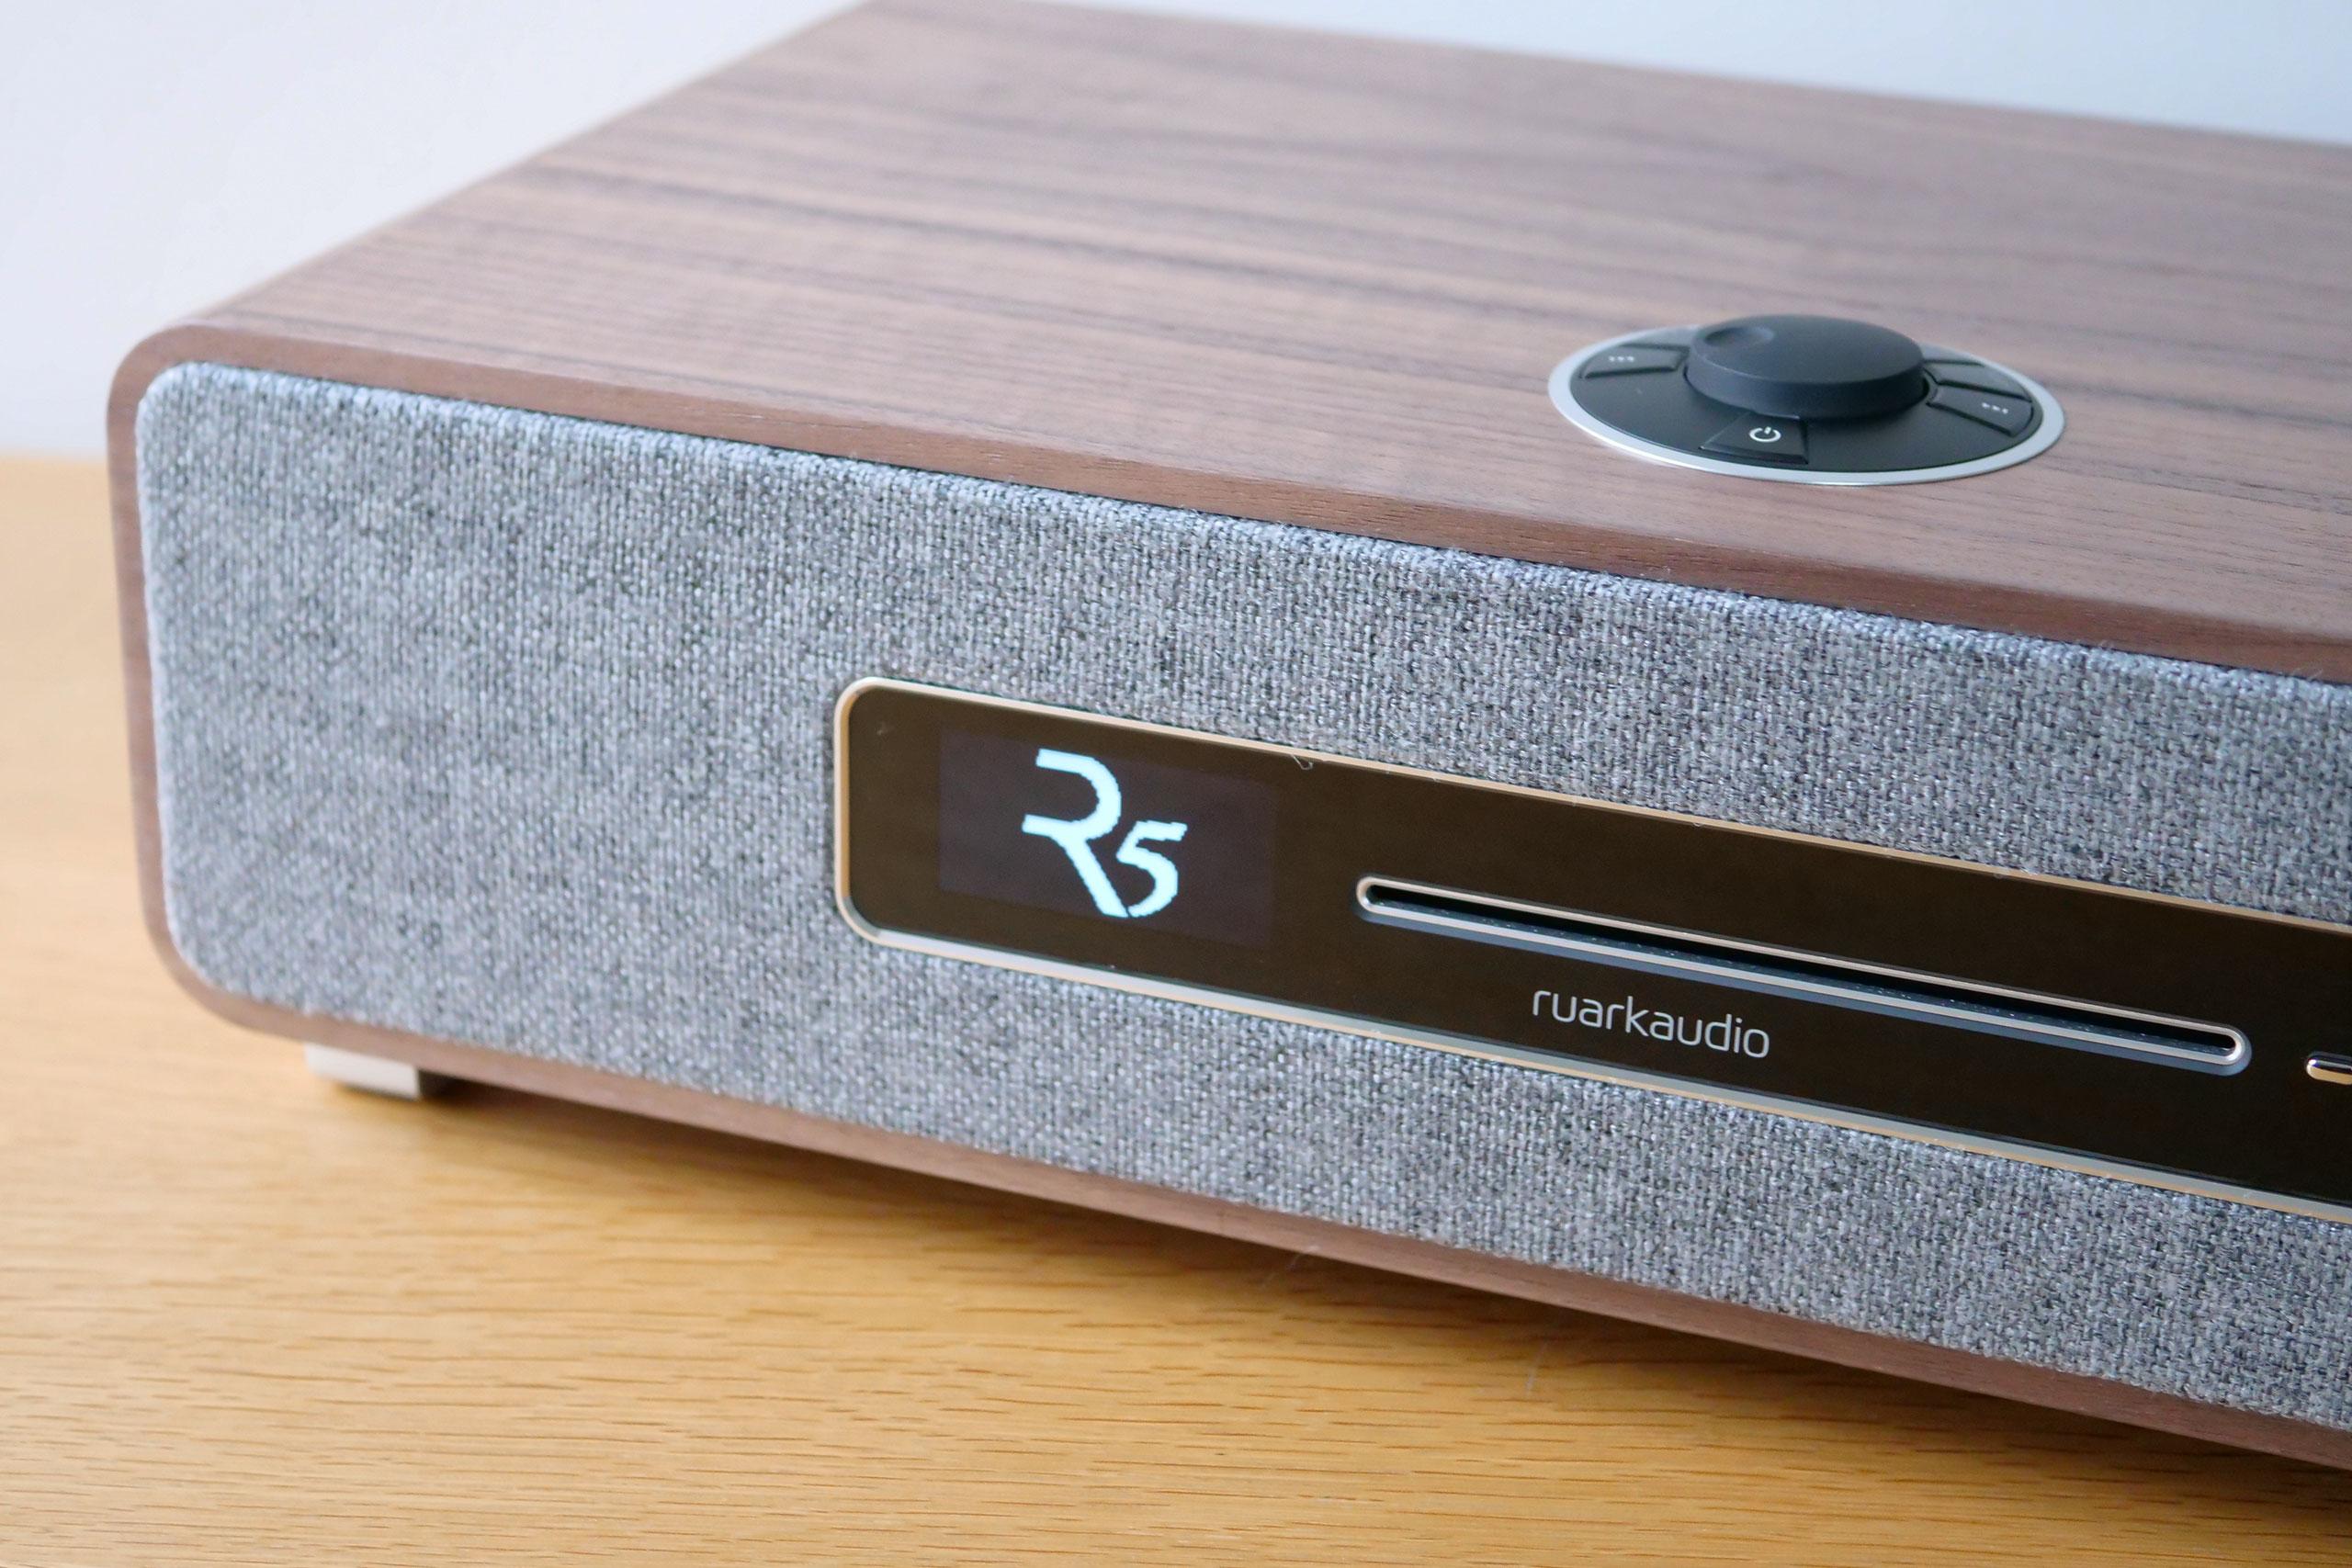 L'écran OLED affiche le logo R5 à l'allumage de la mini-chaîne.